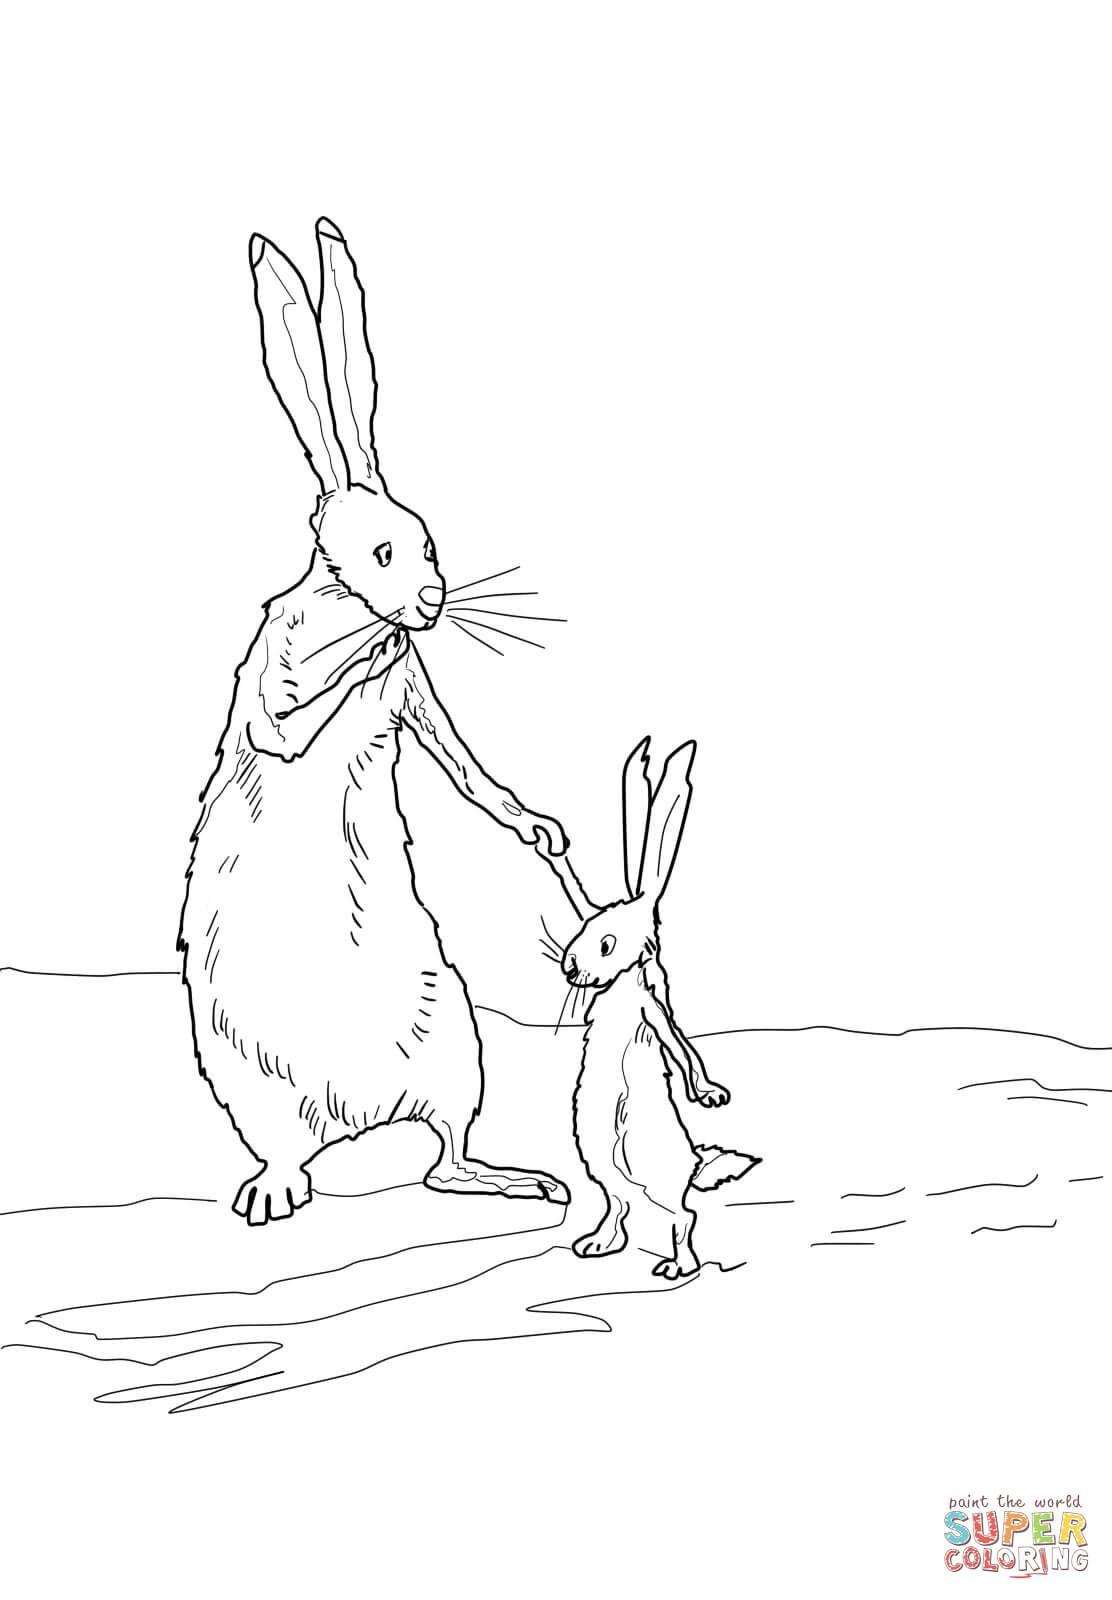 Ausmalbild Der Kleine Braune Hase Und Der Grosse Braune Hase Ausmalbilder Kostenlos Zum Ausdrucken Ausmalbilder Ausmalen Hase Zeichnen